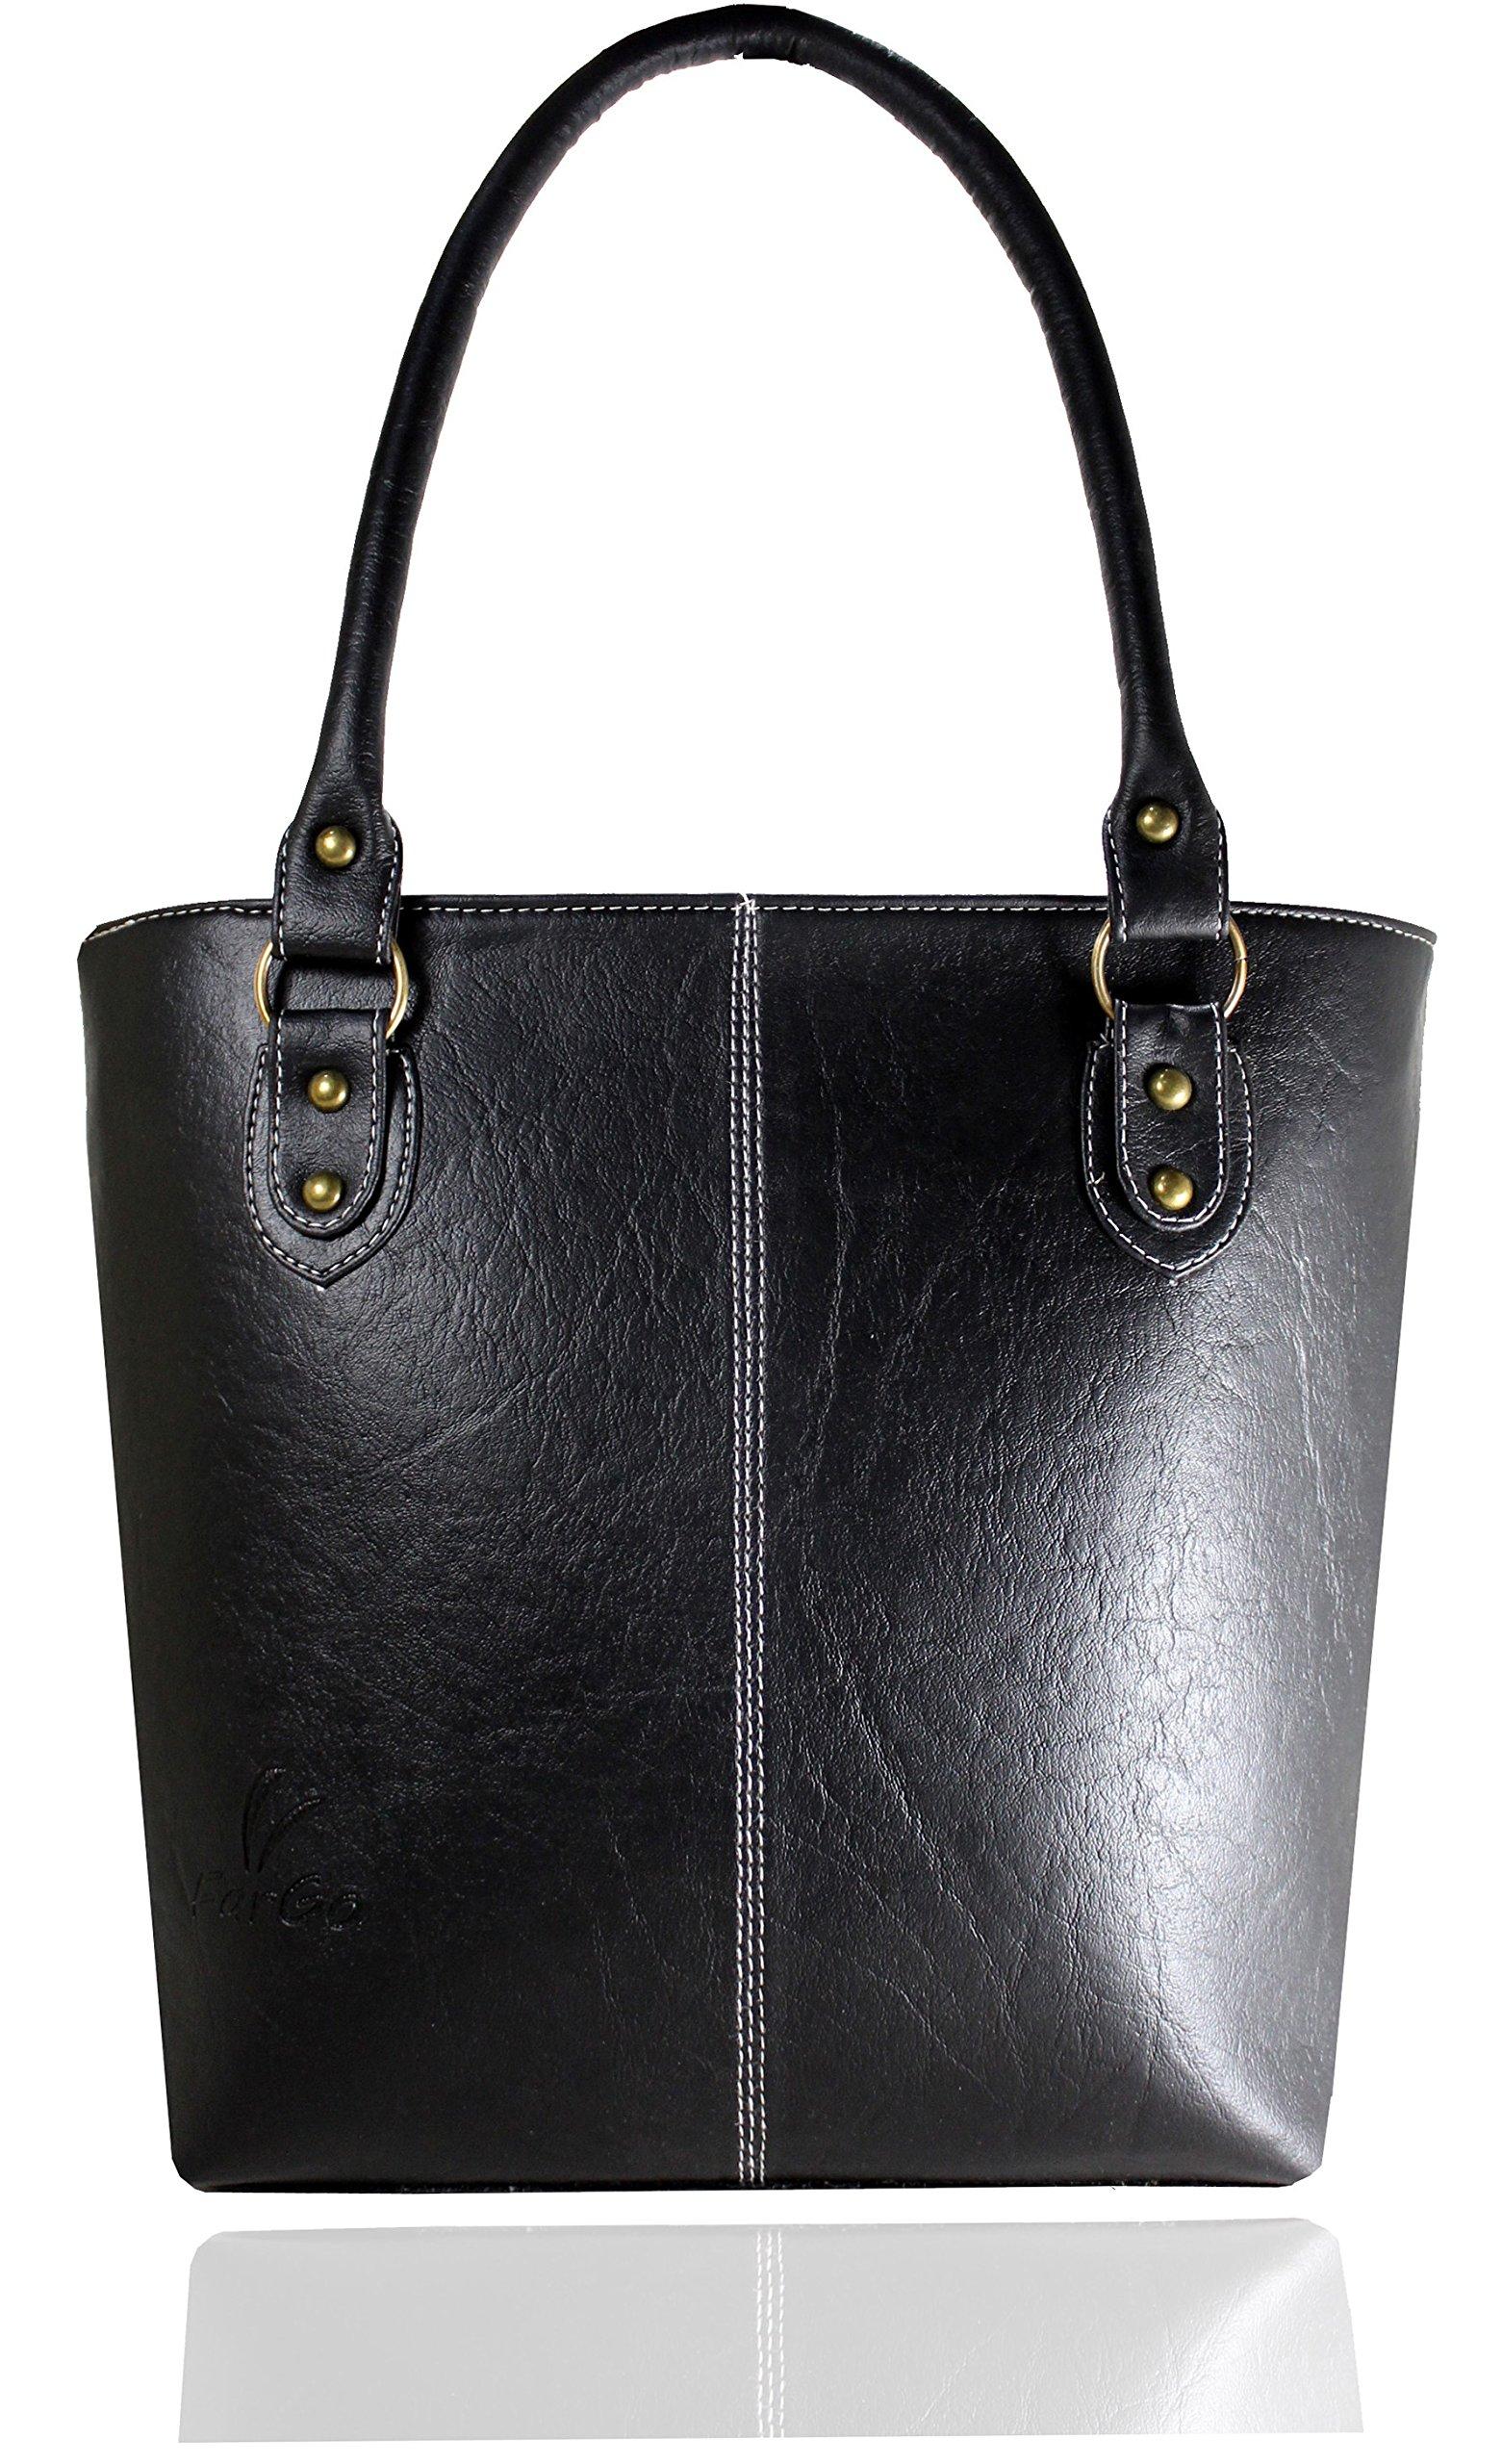 af483b47c1 Fargo Fine Line PU Leather Women s   Girl s Shoulder Handbag (Black FGO-006)